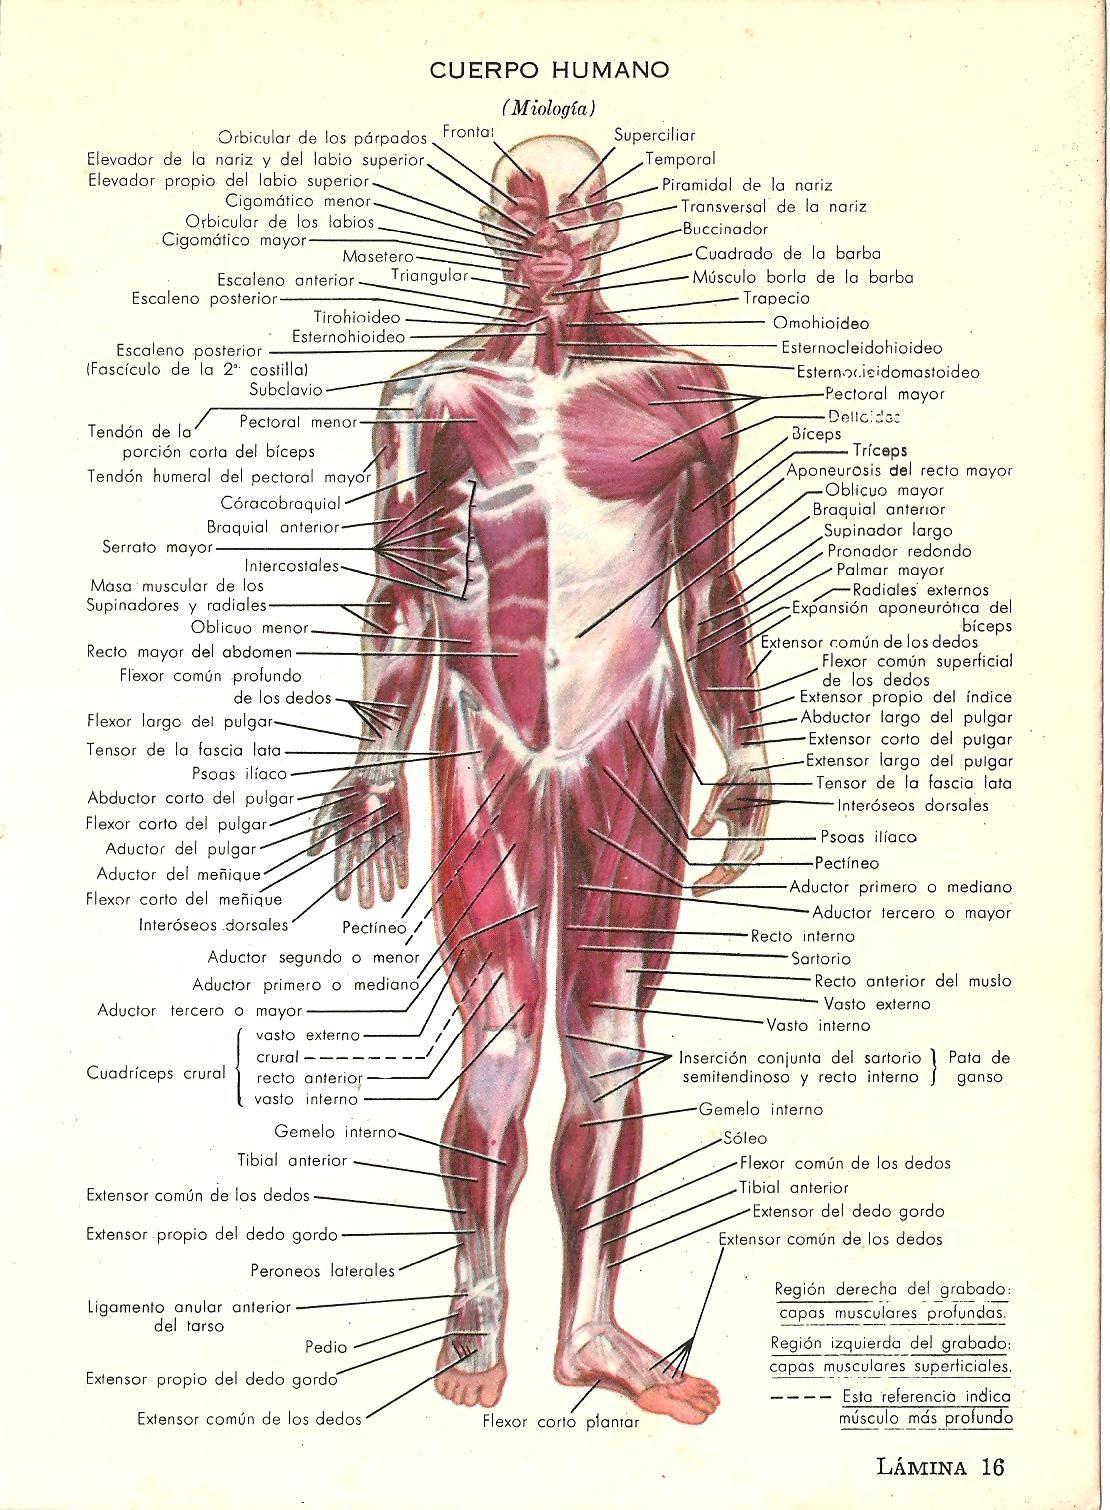 Cuerpo humano. Miología. Lámina extraída de Nuevo Diccionario ...